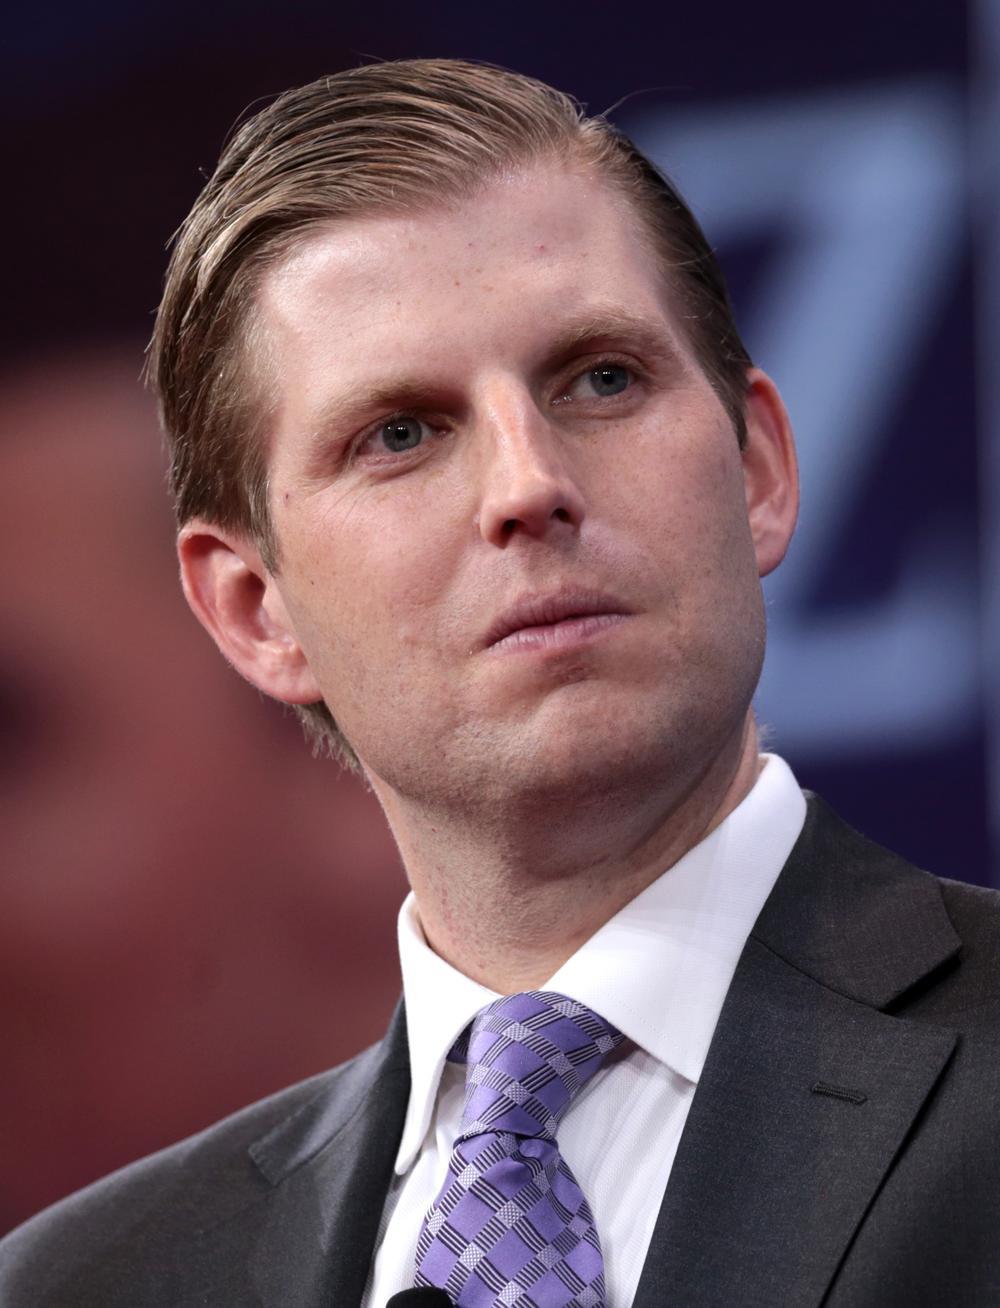 Trình độ học vấn gây bất ngờ của các con Tổng thống Mỹ - Donald Trump Ảnh 4